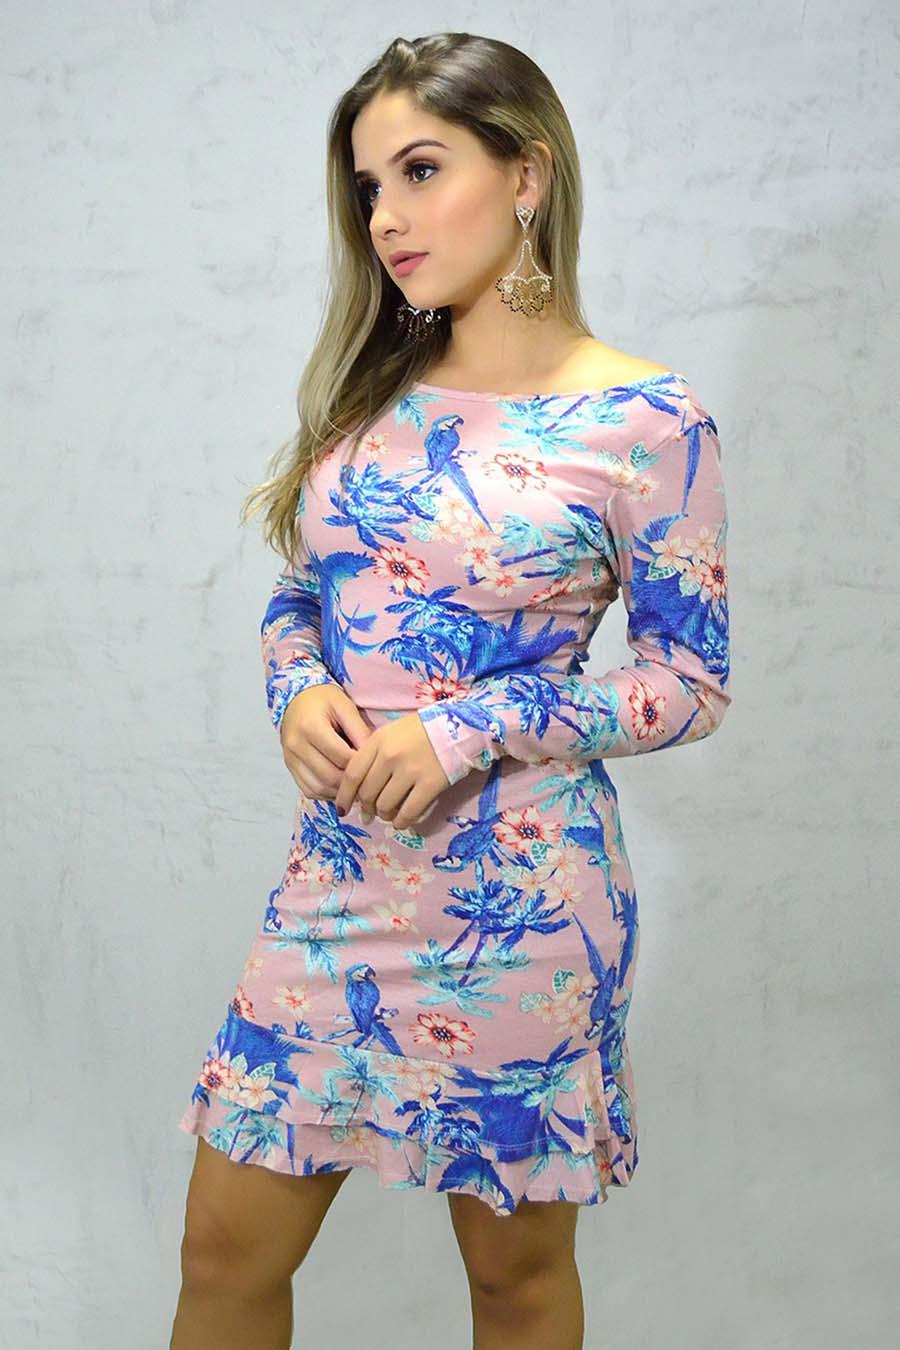 Vestido Curto Viscolycra Decotado Manga Longa Tropical Rosa